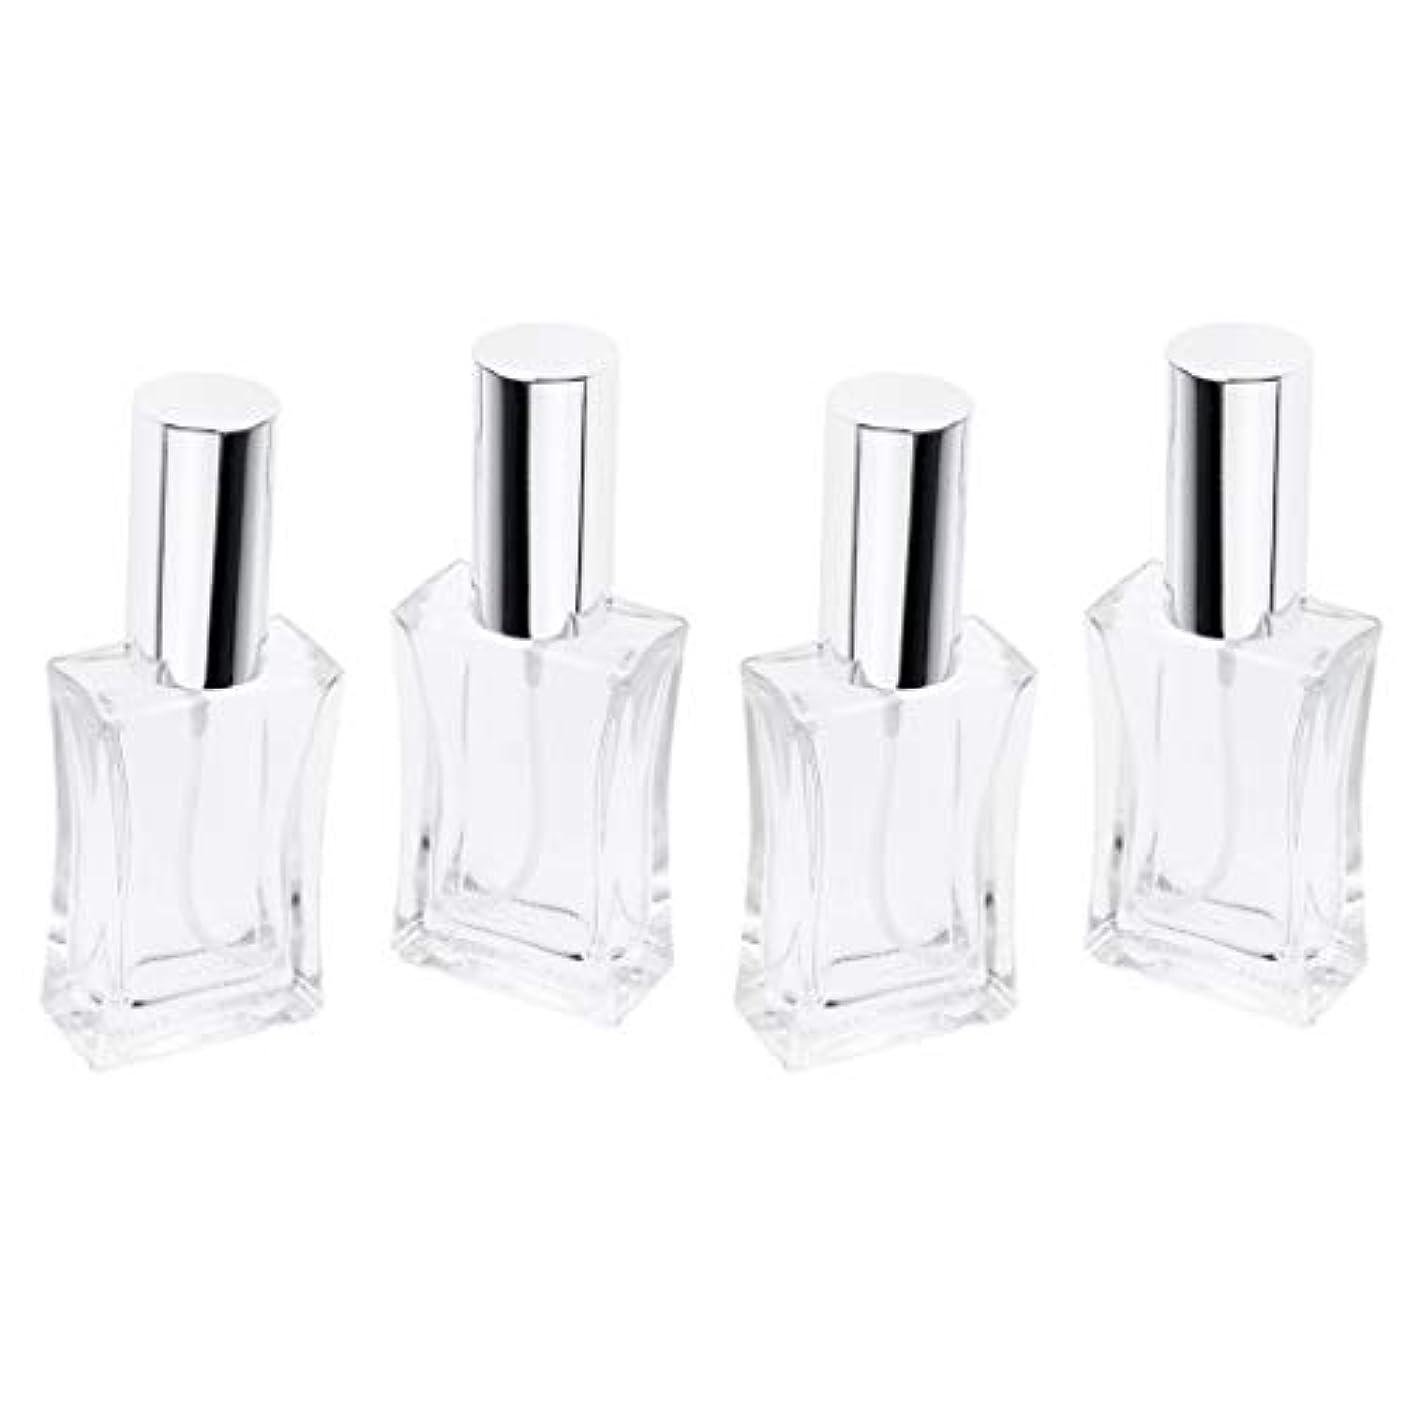 疎外する争うトークンDYNWAVE 空 香水瓶 50ml スプレーボトル ガラス瓶 アトマイザー 詰め替え 携帯便利 4本セット